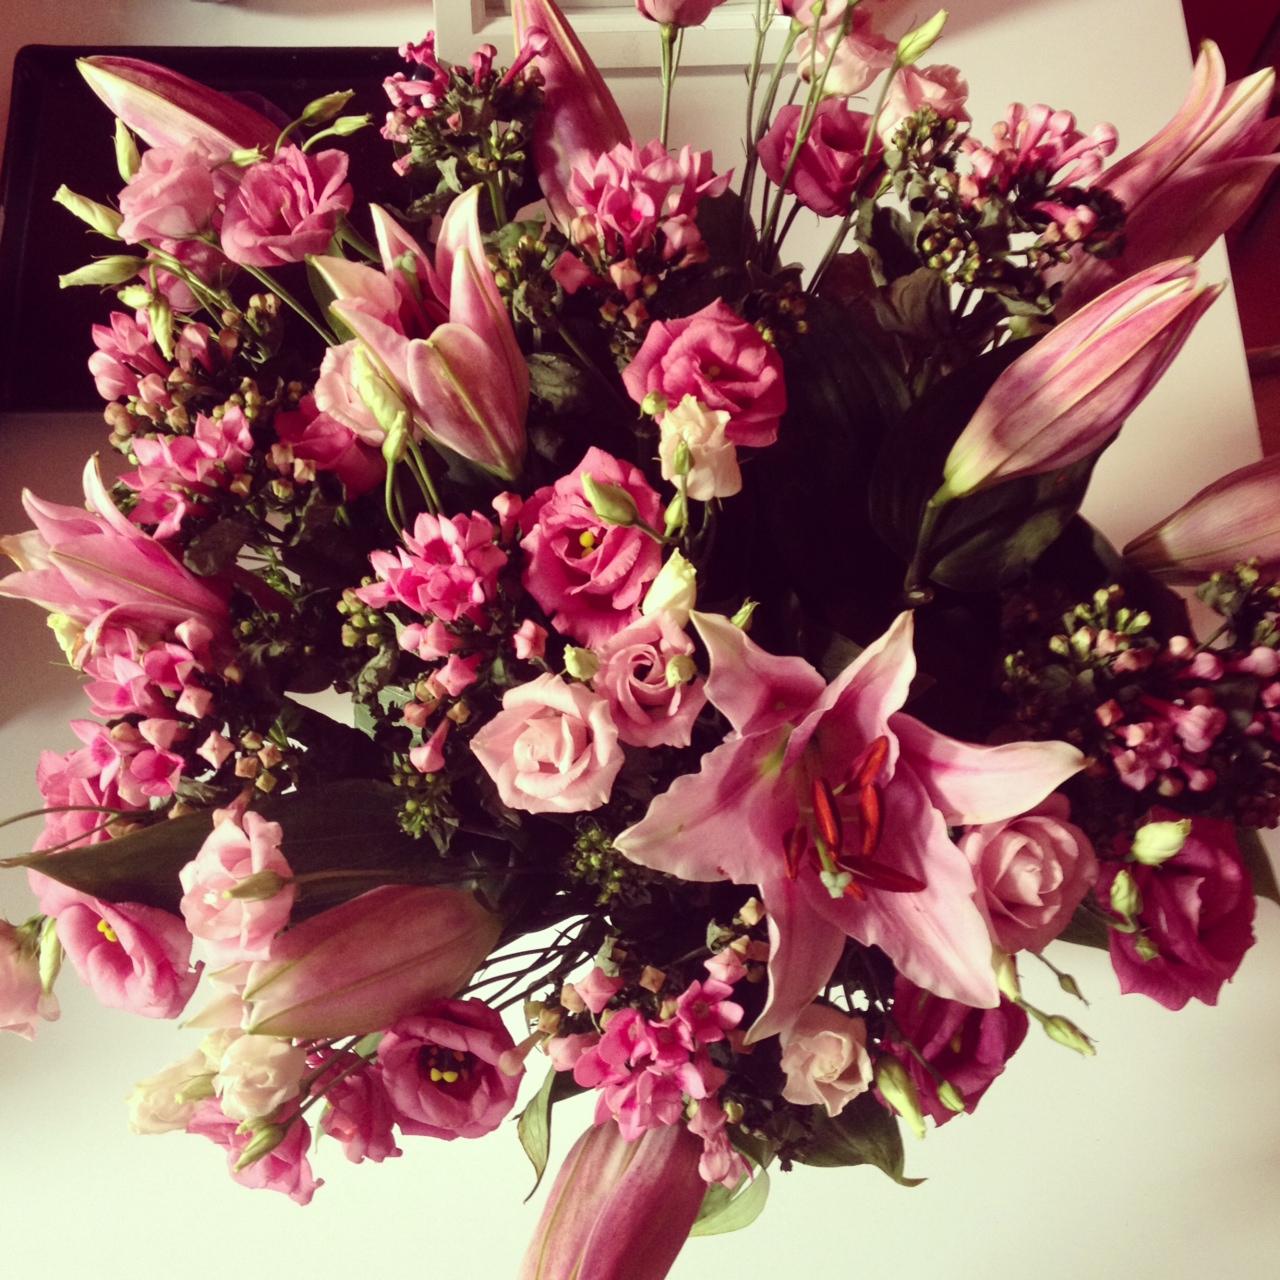 Красивые фото в инстаграм с цветами